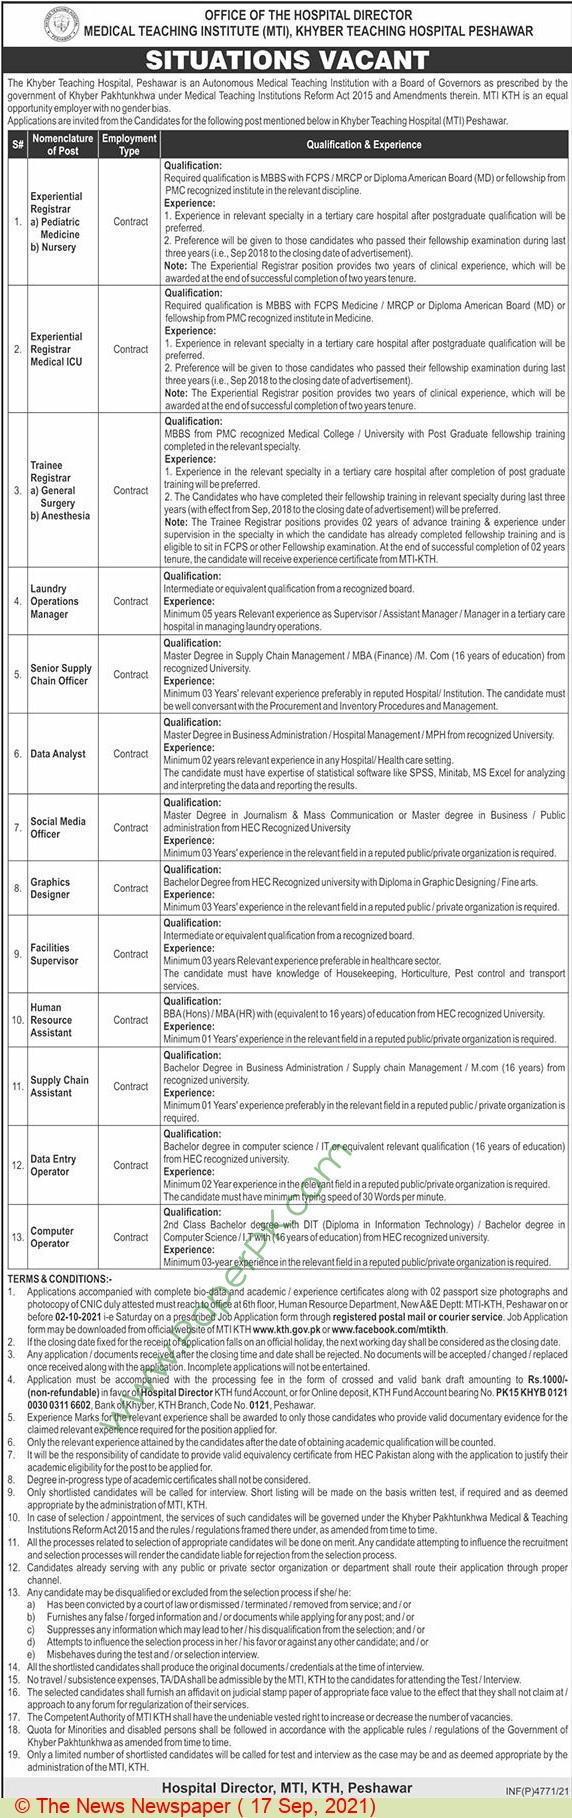 Khyber Teaching Hospital Peshawar Jobs For Data Analyst, Social Media Officer, Graphic Designer advertisemet in newspaper on September 17,2021